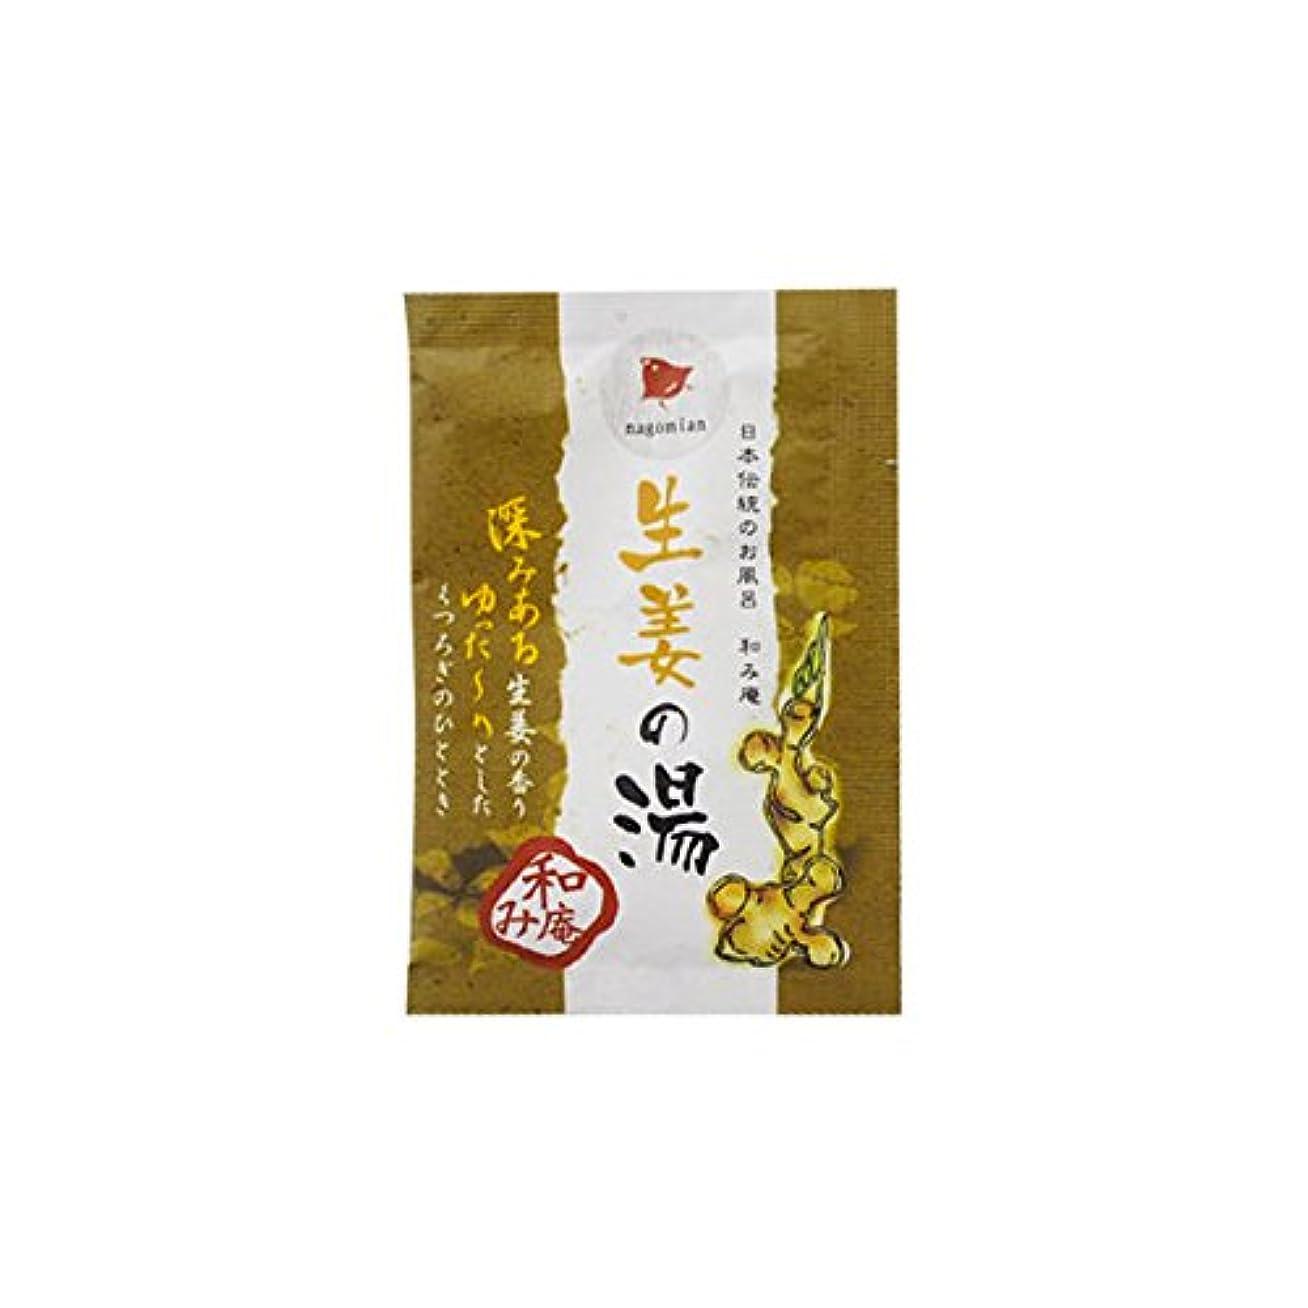 にもかかわらず不安定な後継和み庵 入浴剤 「生姜の湯」30個